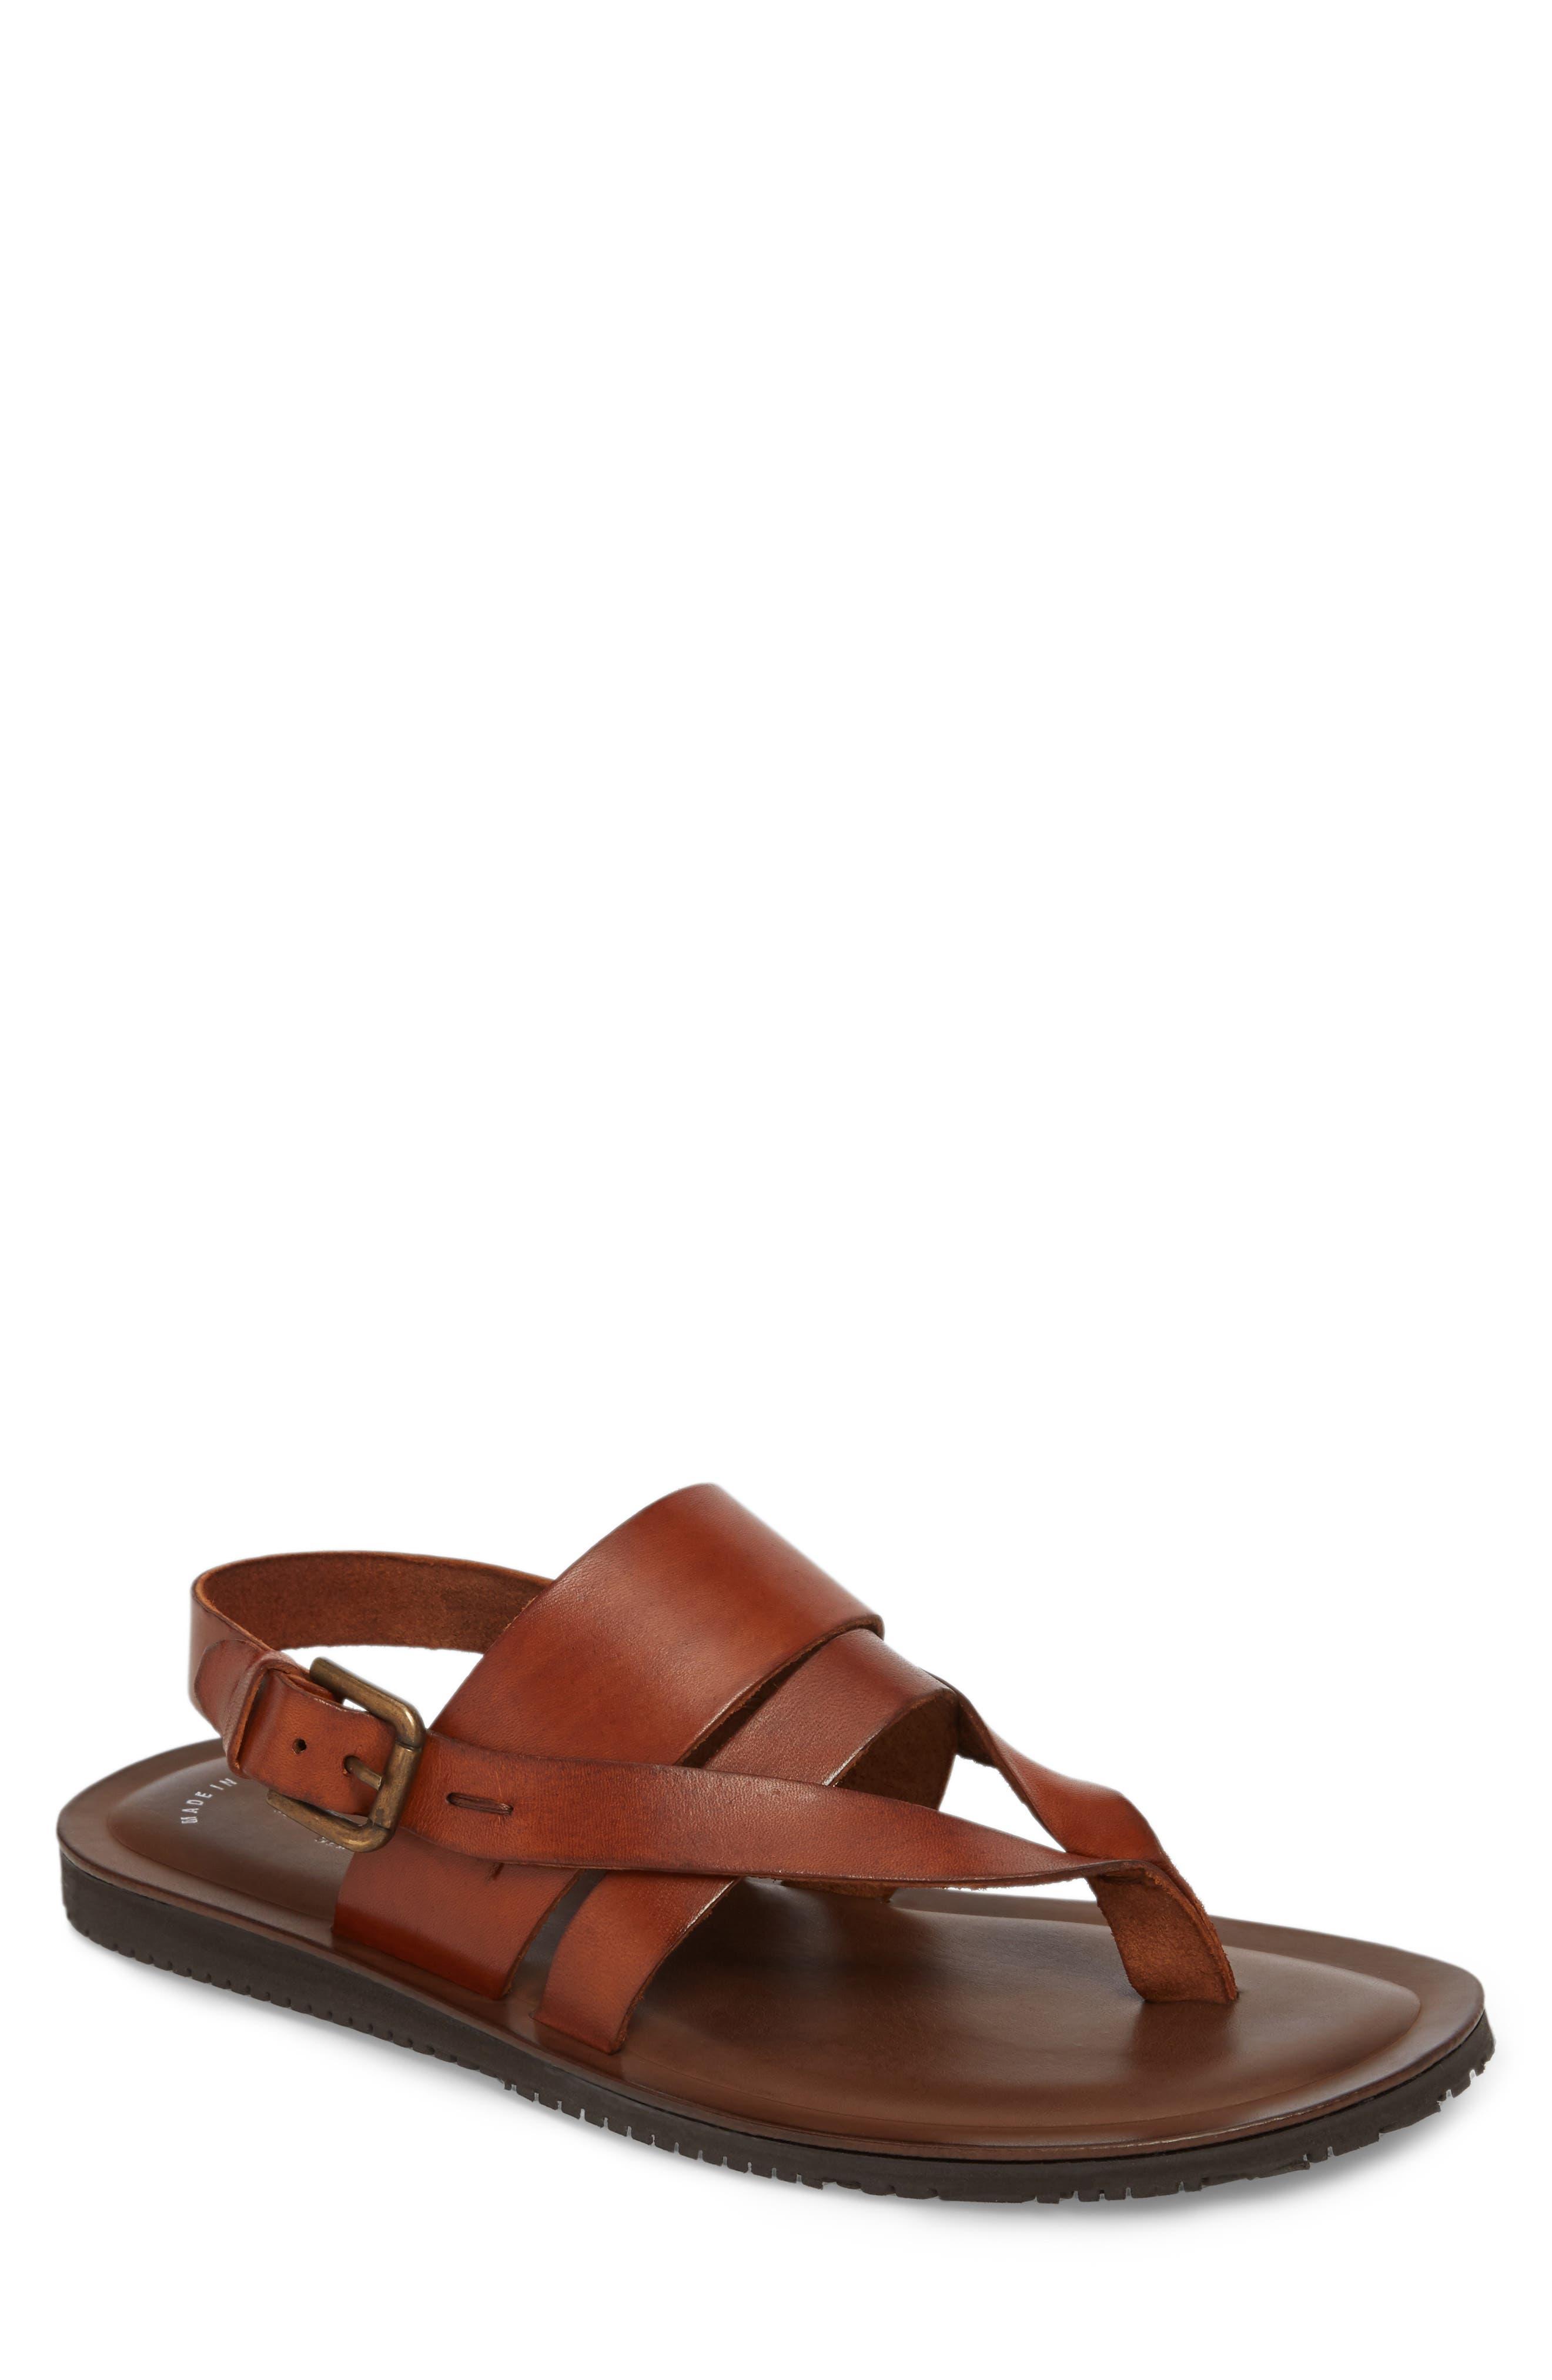 'Reel-Ist' Sandal,                         Main,                         color, Cognac Leather